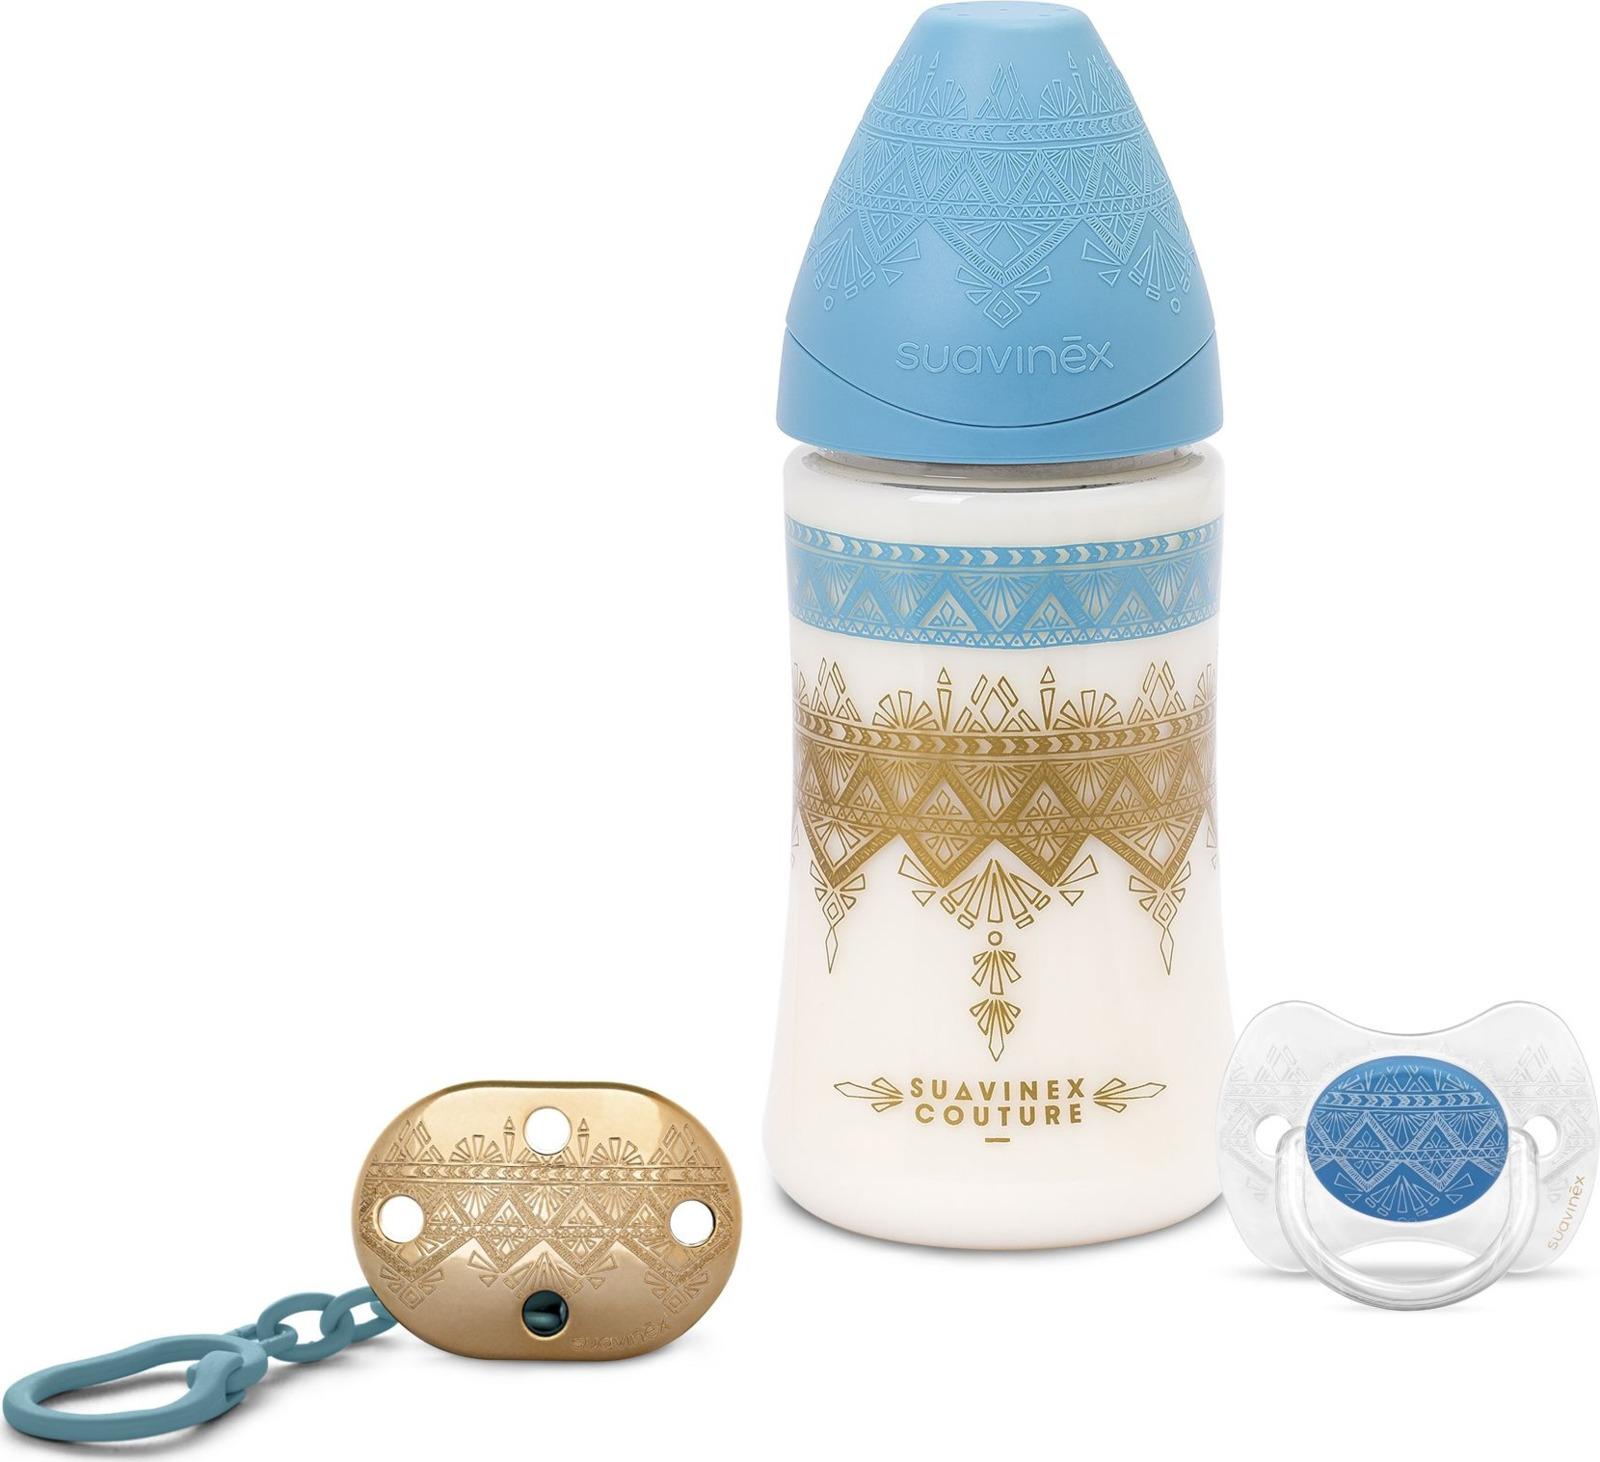 Набор Suavinex, от 0 месяцев: бутылочка с круглой силиконовой соской, 270 мл + пустышка + держатель, цвет: голубой suavinex бутылочка от 0 месяцев с силиконовой соской цвет бирюзовый 270 мл